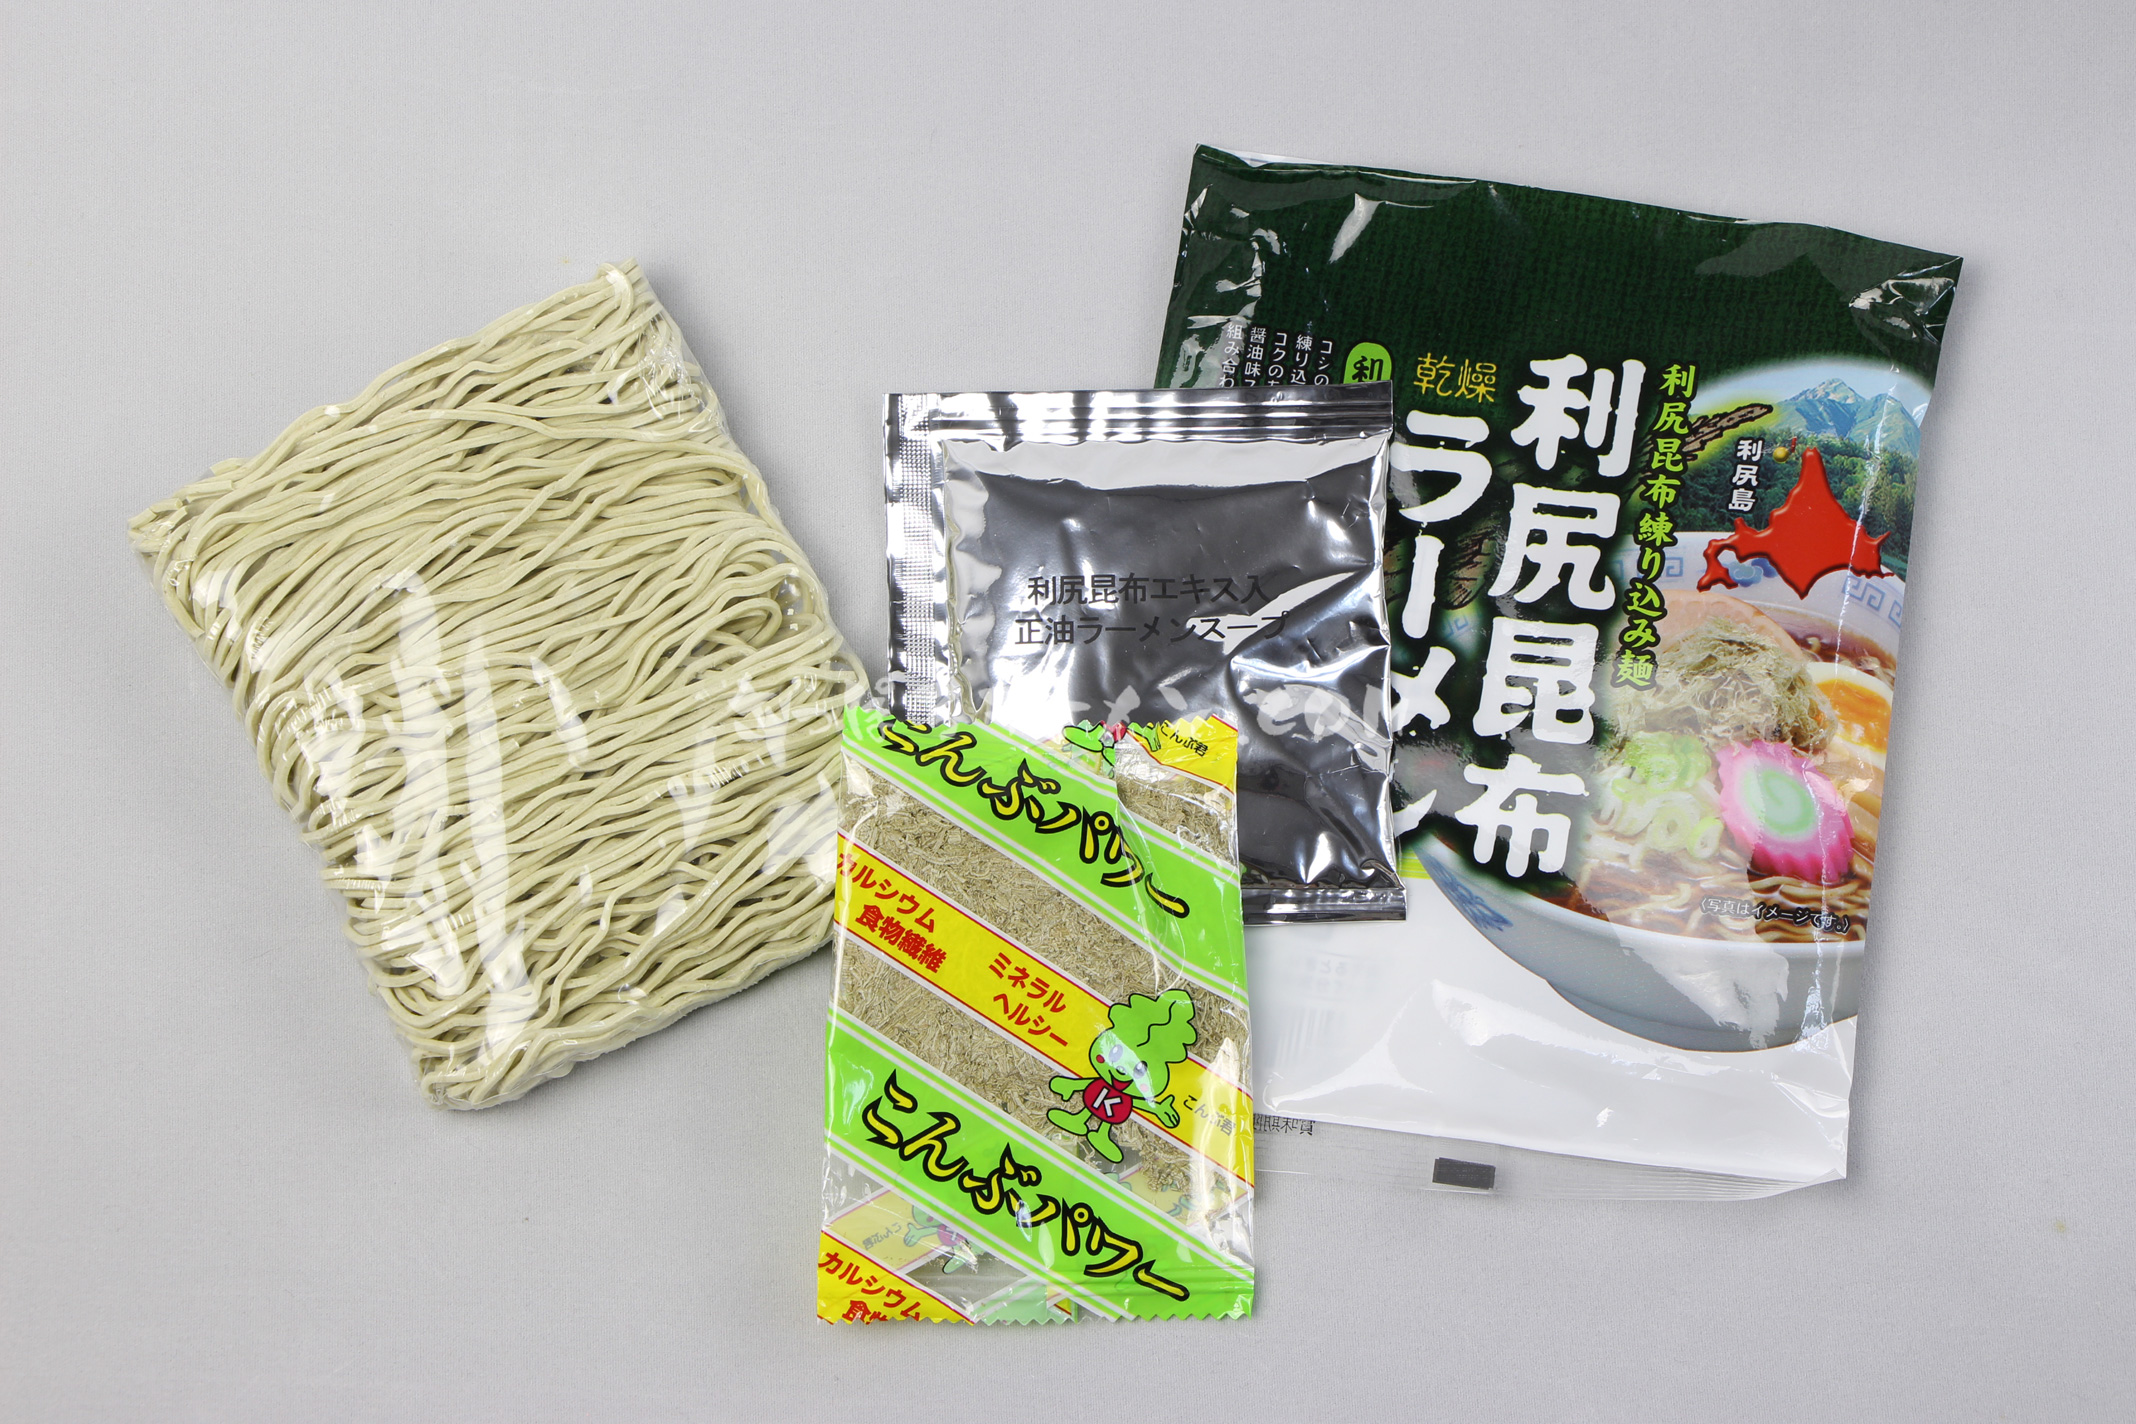 「利尻昆布ラーメン 醤油味」(有限会社ミツヤ利尻店)の麺・スープ・とろろ昆布